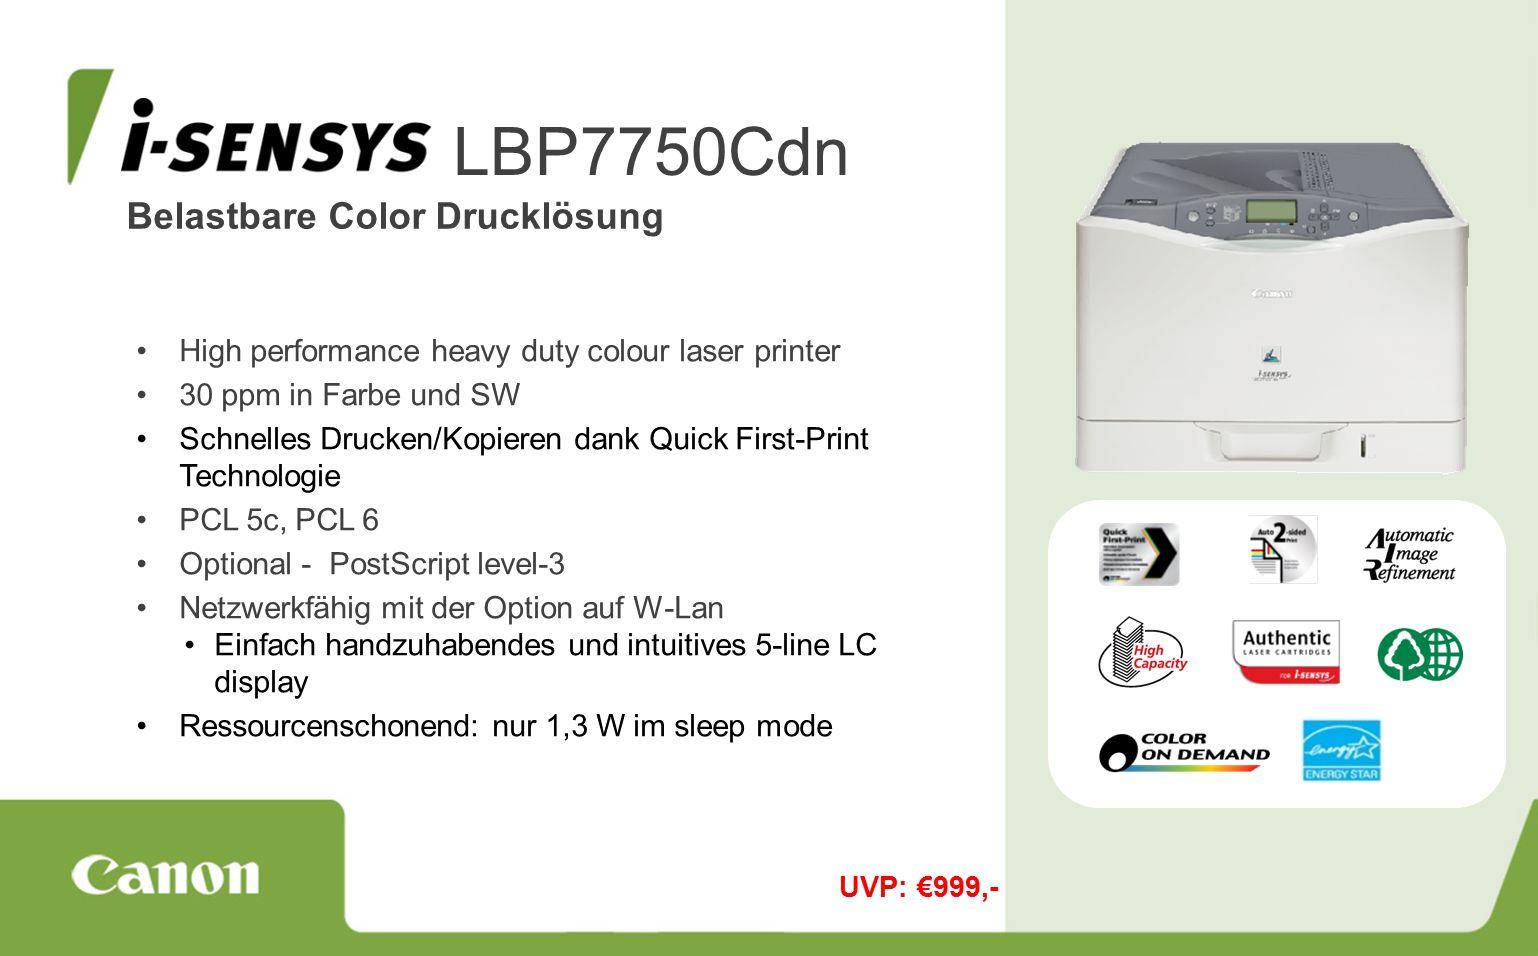 Belastbare Color Drucklösung LBP7750Cdn High performance heavy duty colour laser printer 30 ppm in Farbe und SW Schnelles Drucken/Kopieren dank Quick First-Print Technologie PCL 5c, PCL 6 Optional - PostScript level-3 Netzwerkfähig mit der Option auf W-Lan Einfach handzuhabendes und intuitives 5-line LC display Ressourcenschonend: nur 1,3 W im sleep mode UVP: €999,-